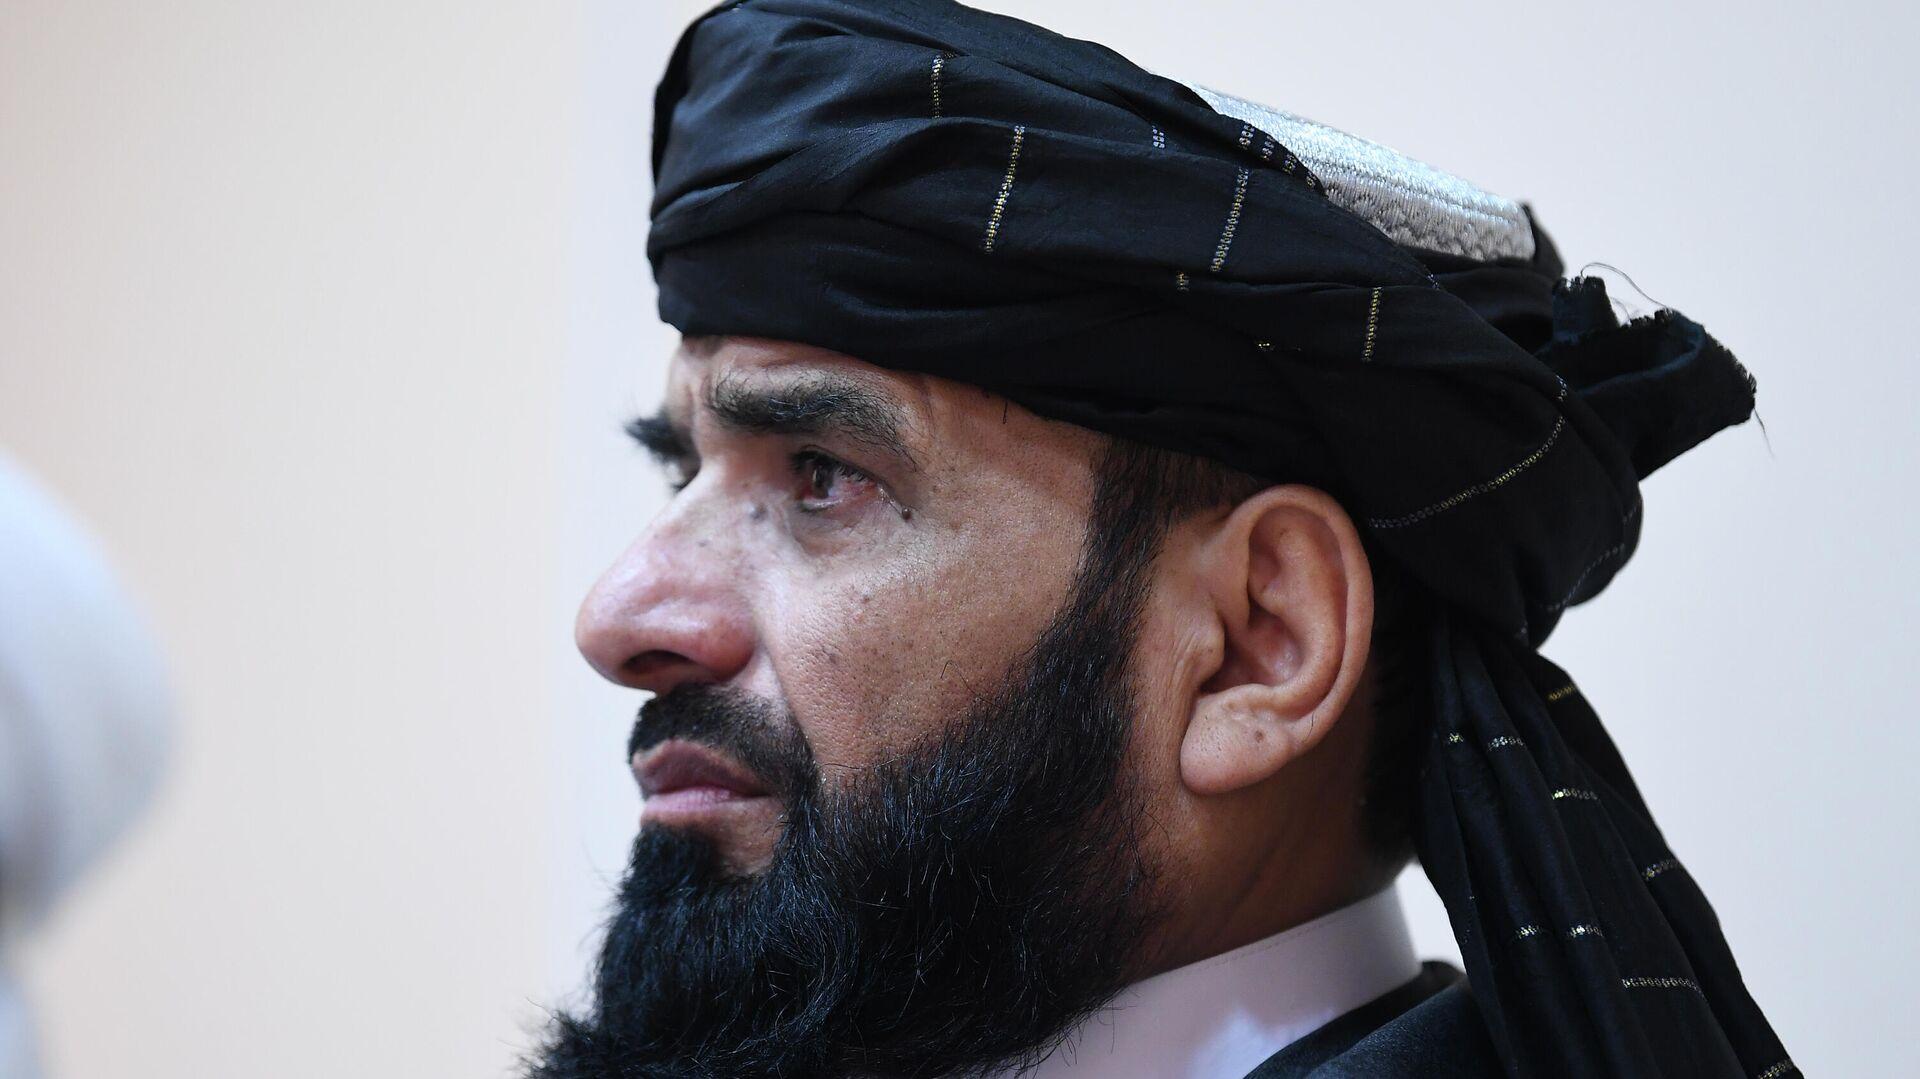 П/к делегации политического офиса движения Талибан (запрещено в РФ) в Москве - Sputnik Таджикистан, 1920, 22.09.2021